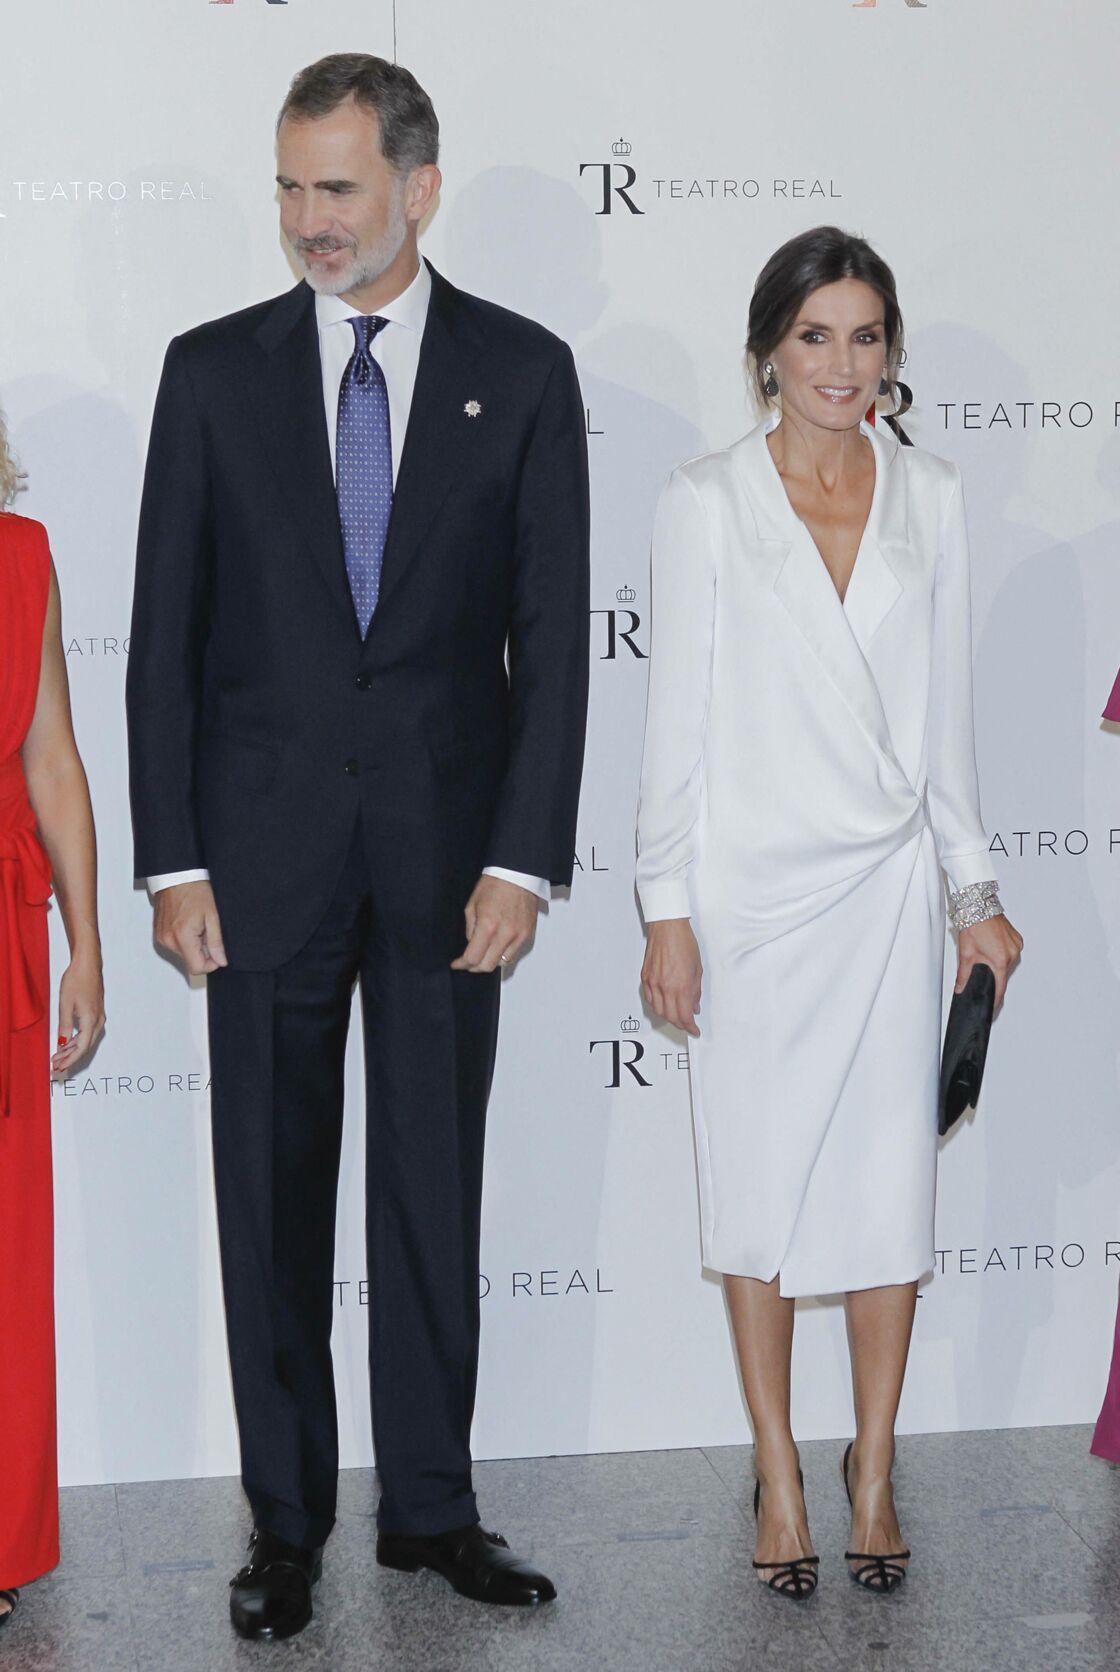 Letizia d'Espagne a déjà porté cette robe blanche en 2019, avec un décolleté plus ouvert sur son buste.